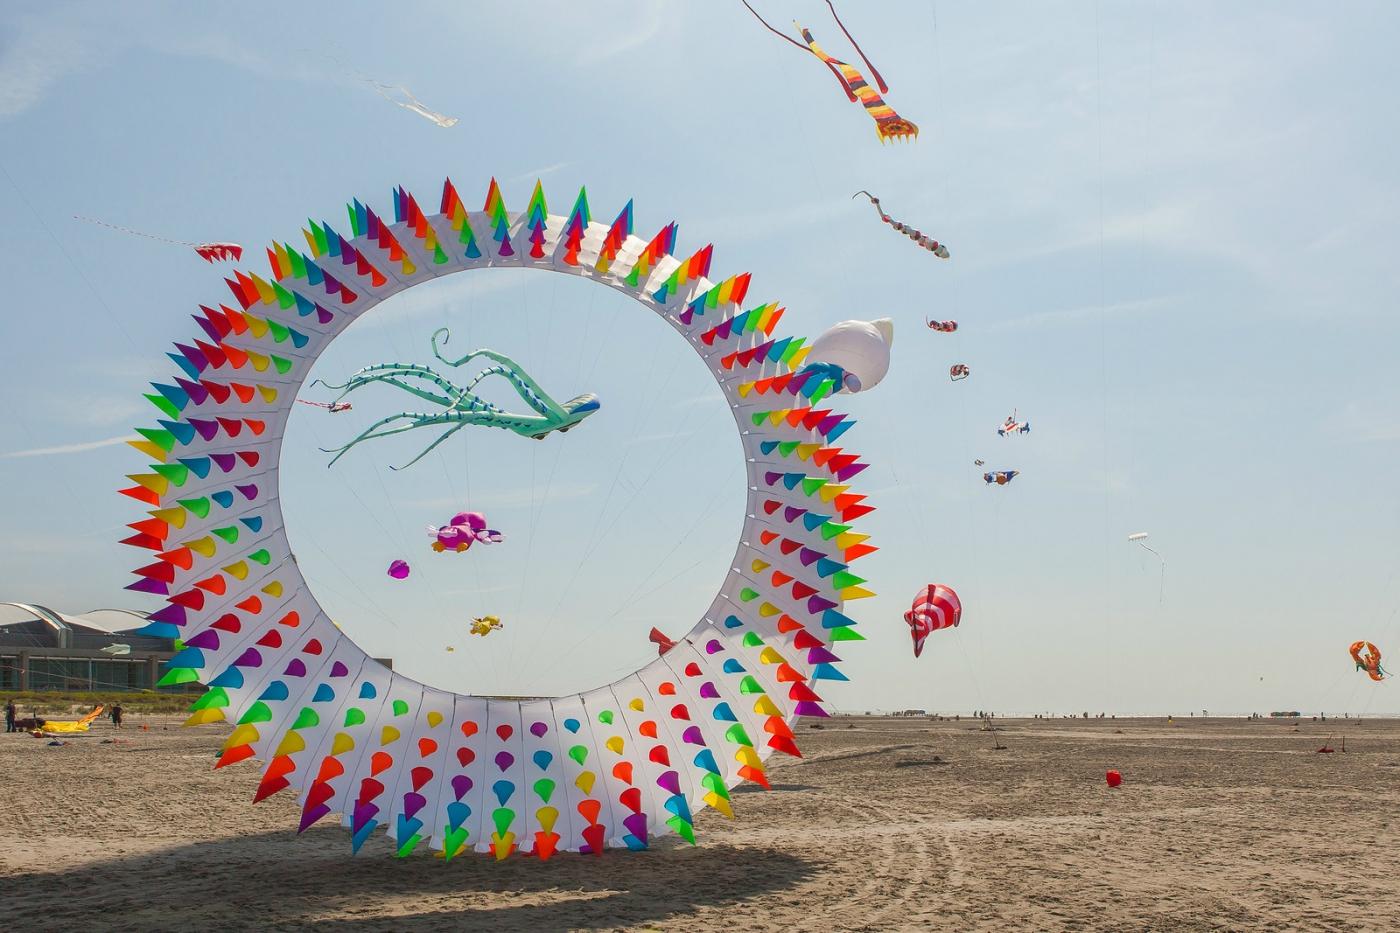 超大的风筝,真是少见_图1-4